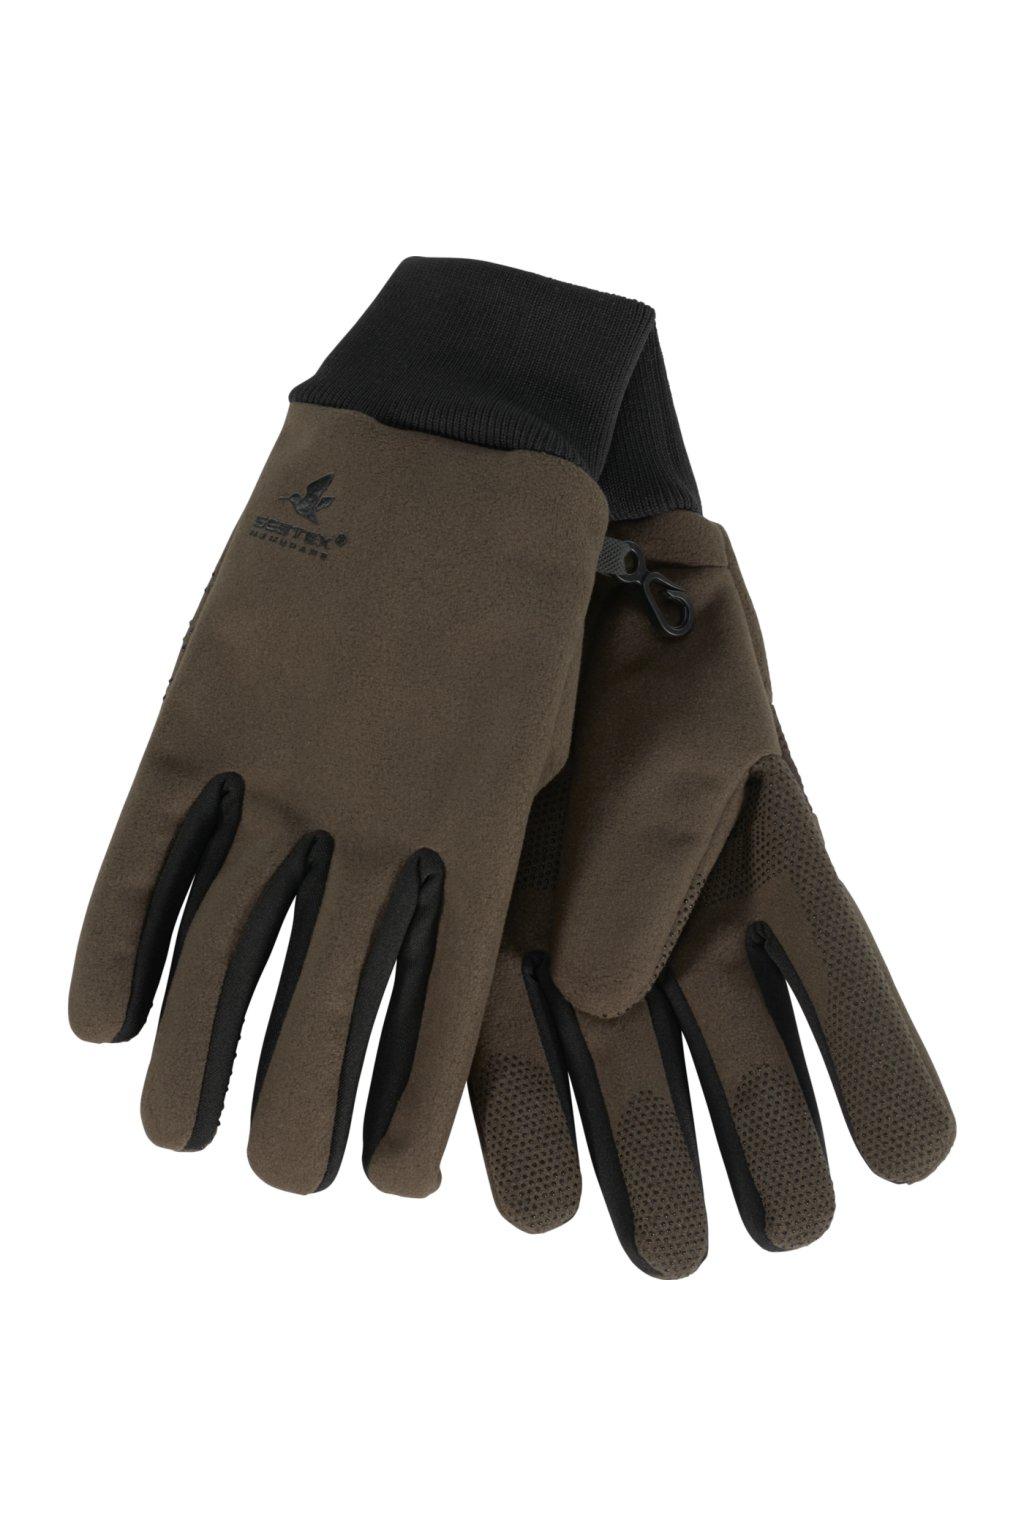 Seeland -  Climate rukavice zimní